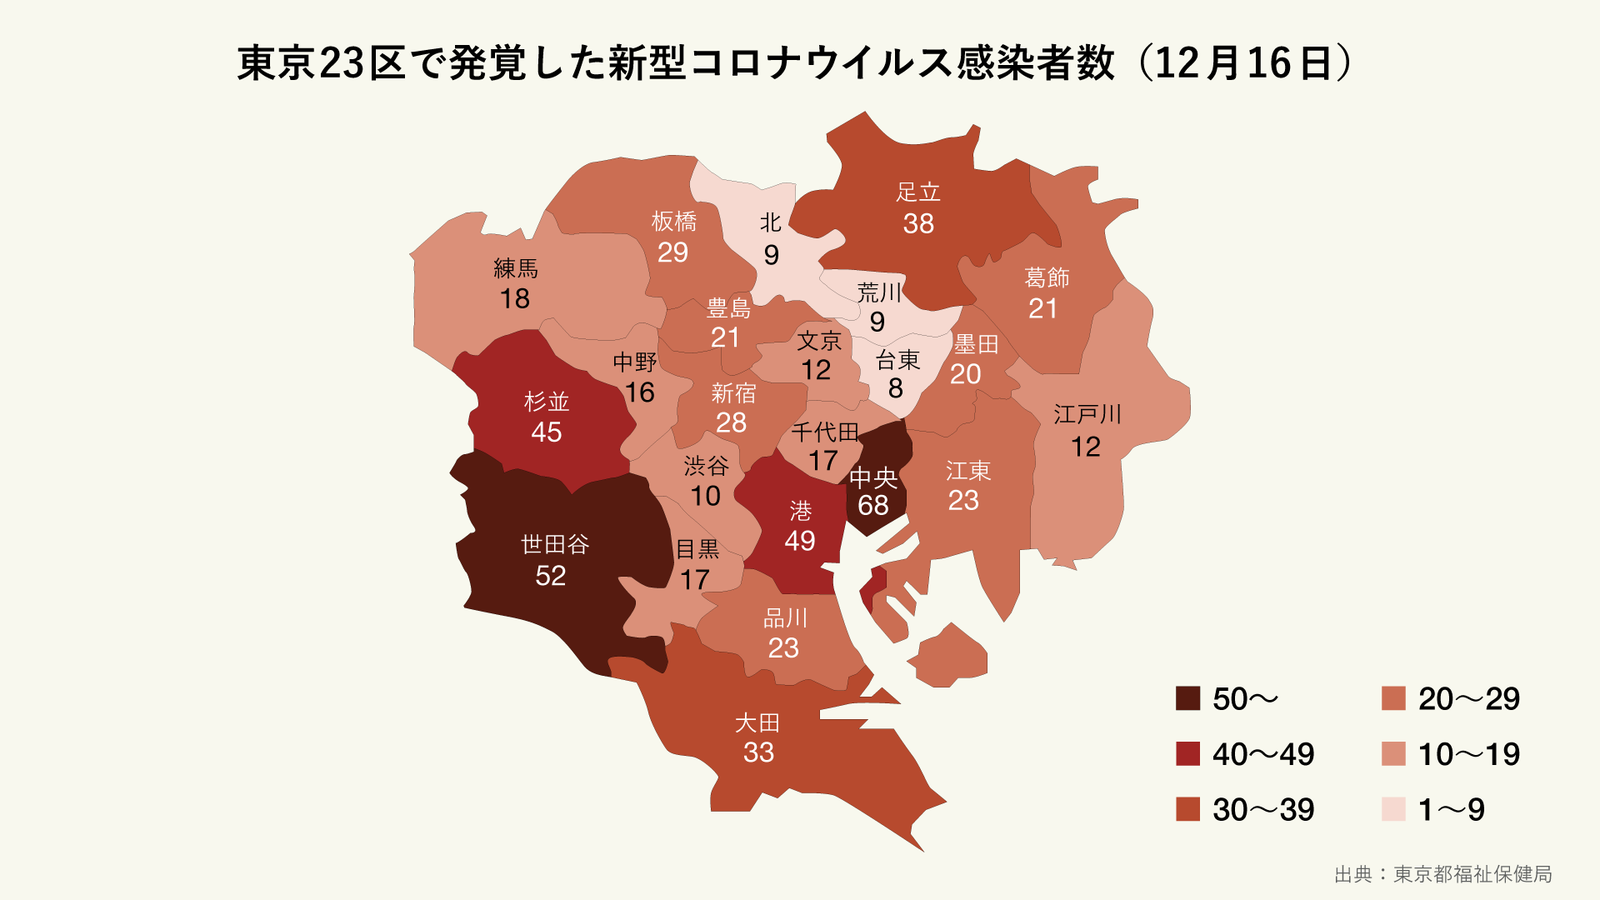 12月16日に発覚した東京23区の区ごとの新型コロナウイルス感染者数(マップ)